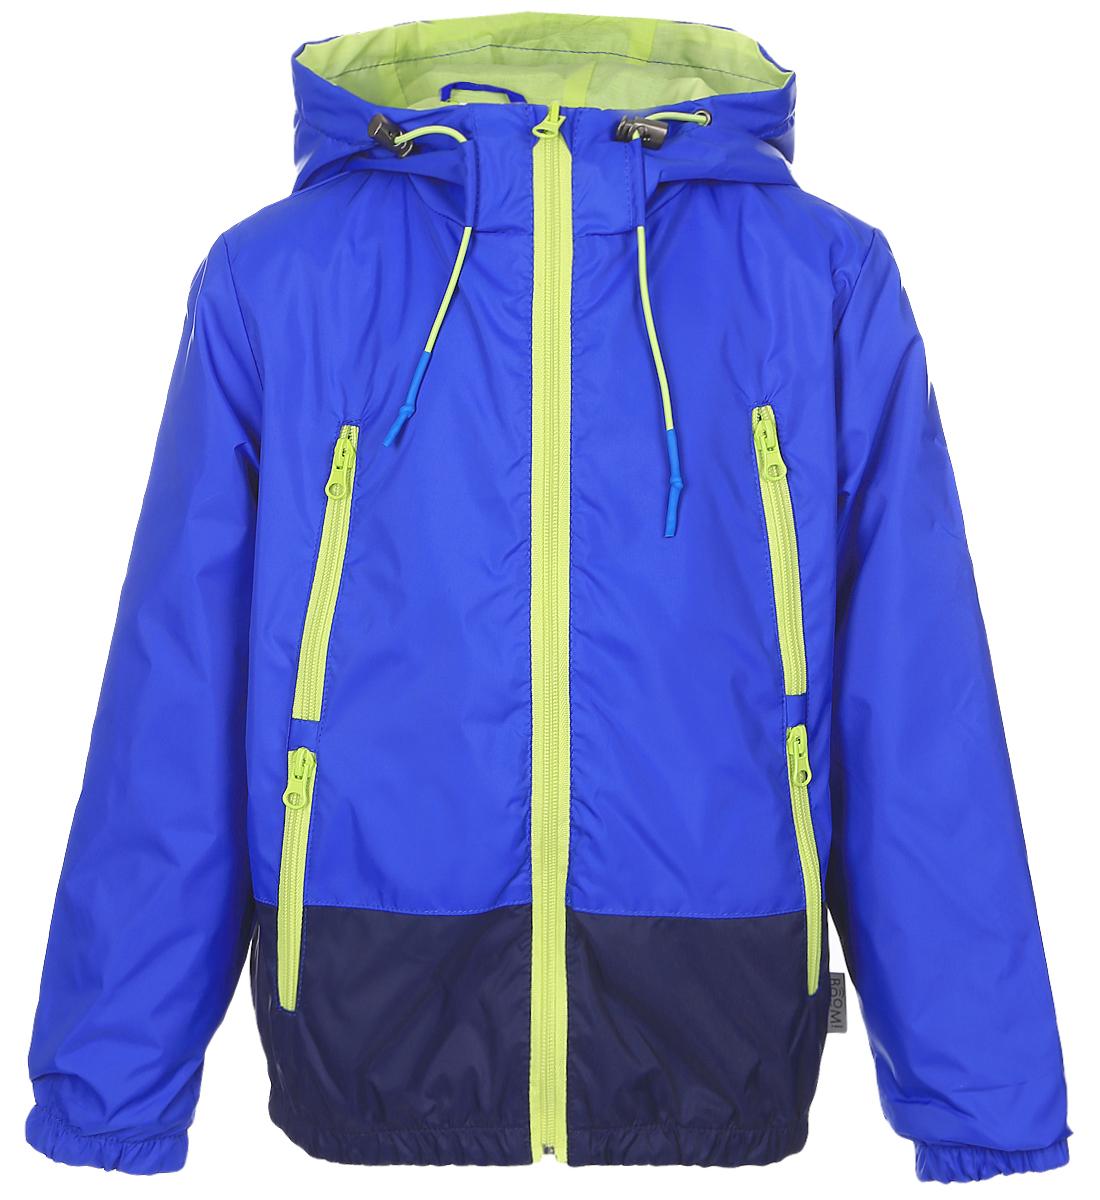 Куртка для мальчика Boom!, цвет: синий. 70038_BOB_вар.1. Размер 140, 10-11 лет70038_BOB_вар.1Легкая куртка для мальчика Boom! c длинными рукавами и несъемным капюшоном выполнена из прочного полиэстера. Модель застегивается на застежку-молнию спереди. Объем капюшона регулируется при помощи шнурка-кулиски со стопперами. Изделие имеет четыре прорезных кармана на застежках-молниях спереди. Рукава оснащены широкими эластичными манжетами. Модель растет вместе с ребенком: специальный крой позволяет при необходимости увеличить длину рукавов на один размер.